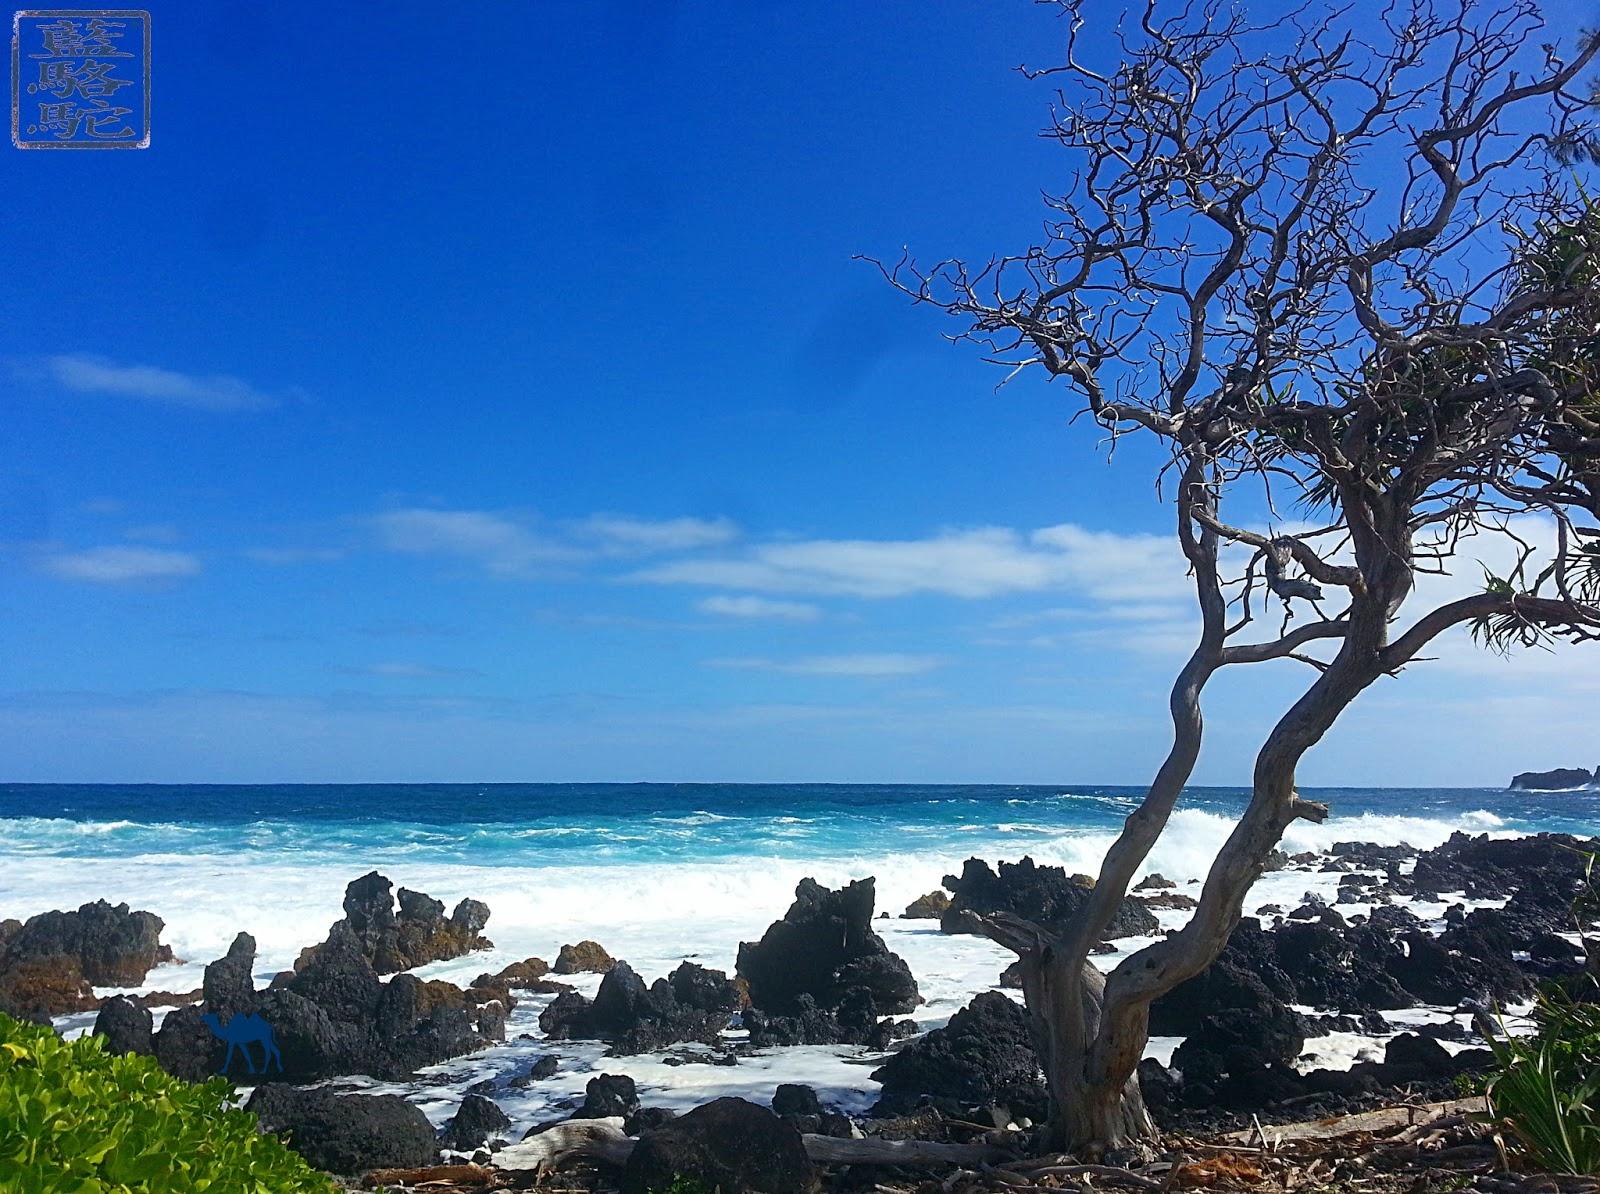 Le Chameau Bleu - Blog Voyage et Gastronomie - Côtes hawaïennes Voyage à Hawaii